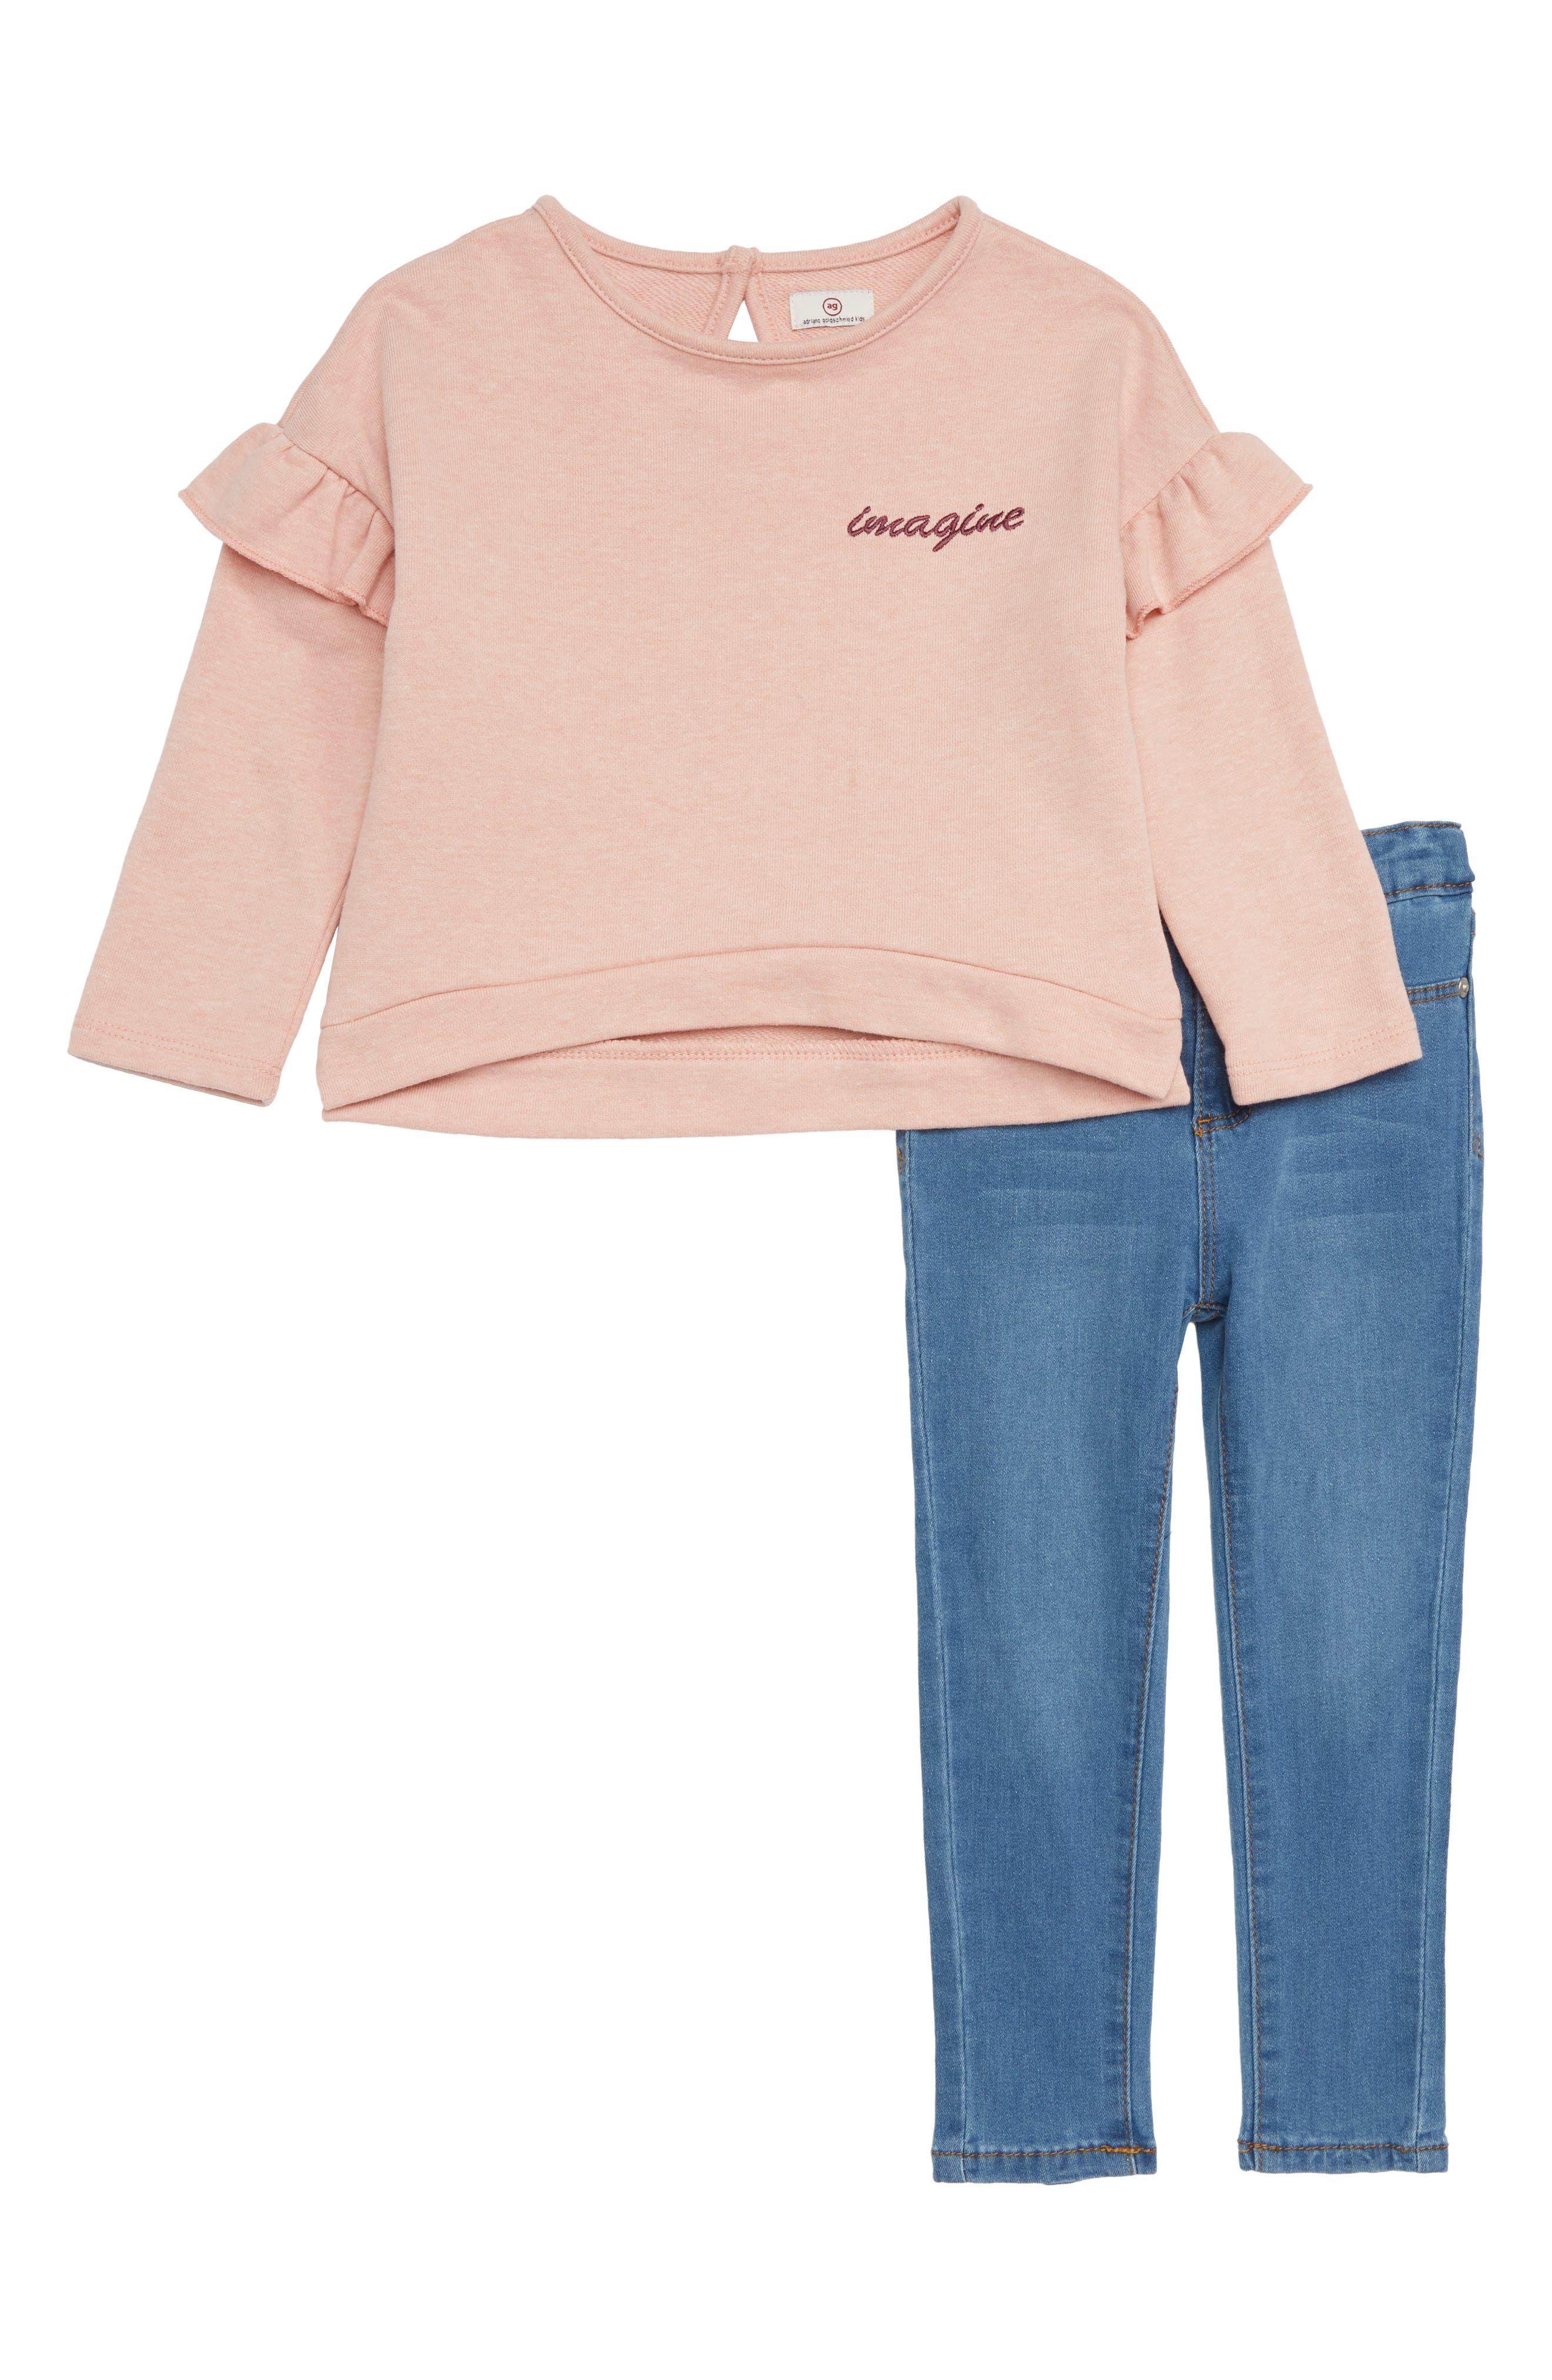 Sweatshirt & Jeans Set,                         Main,                         color, 020